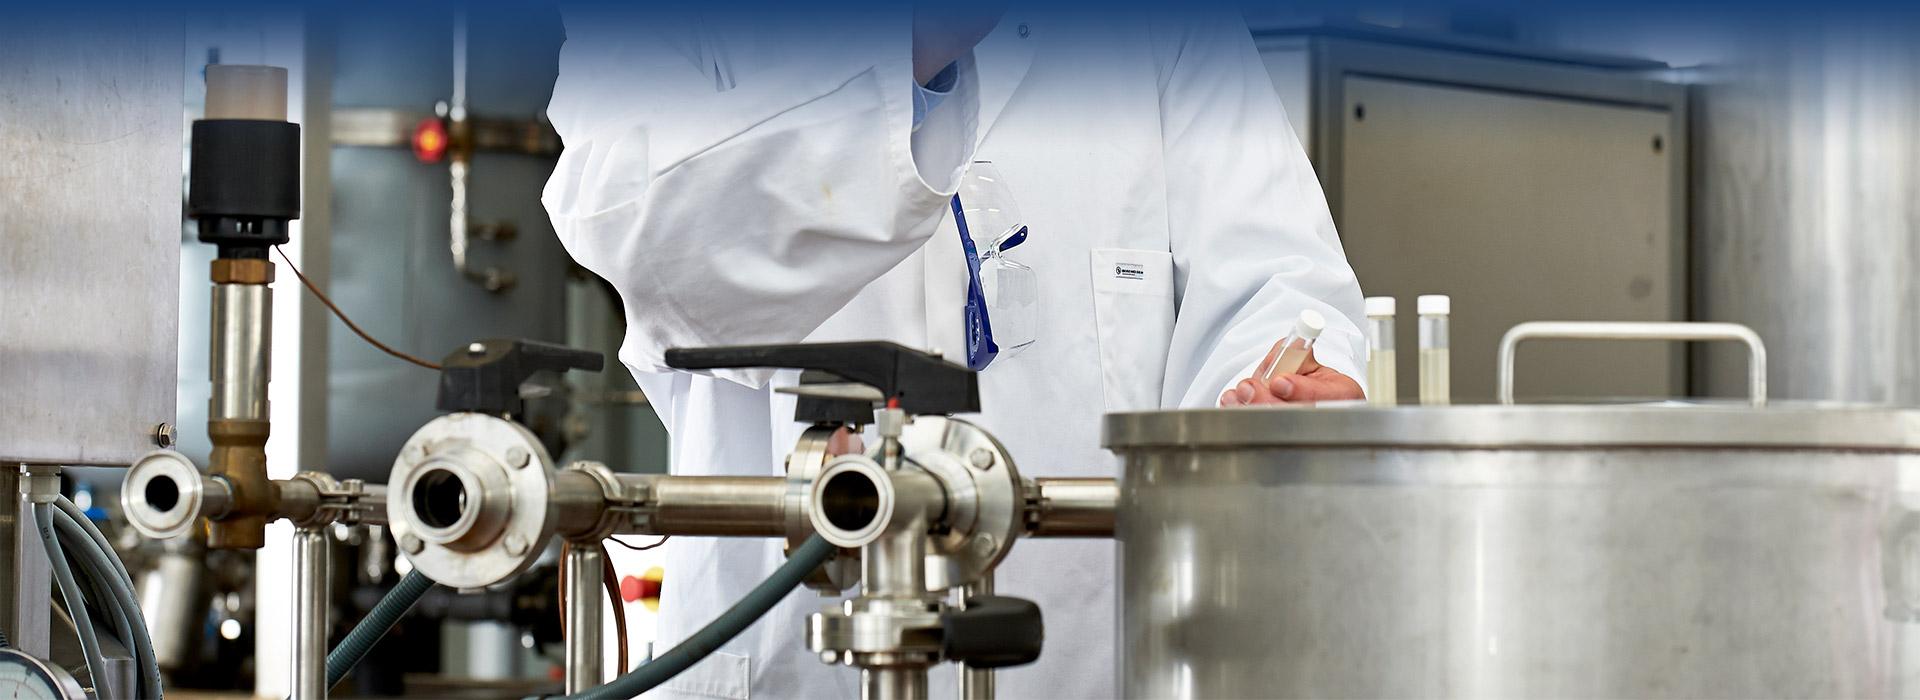 Biomatics Technology